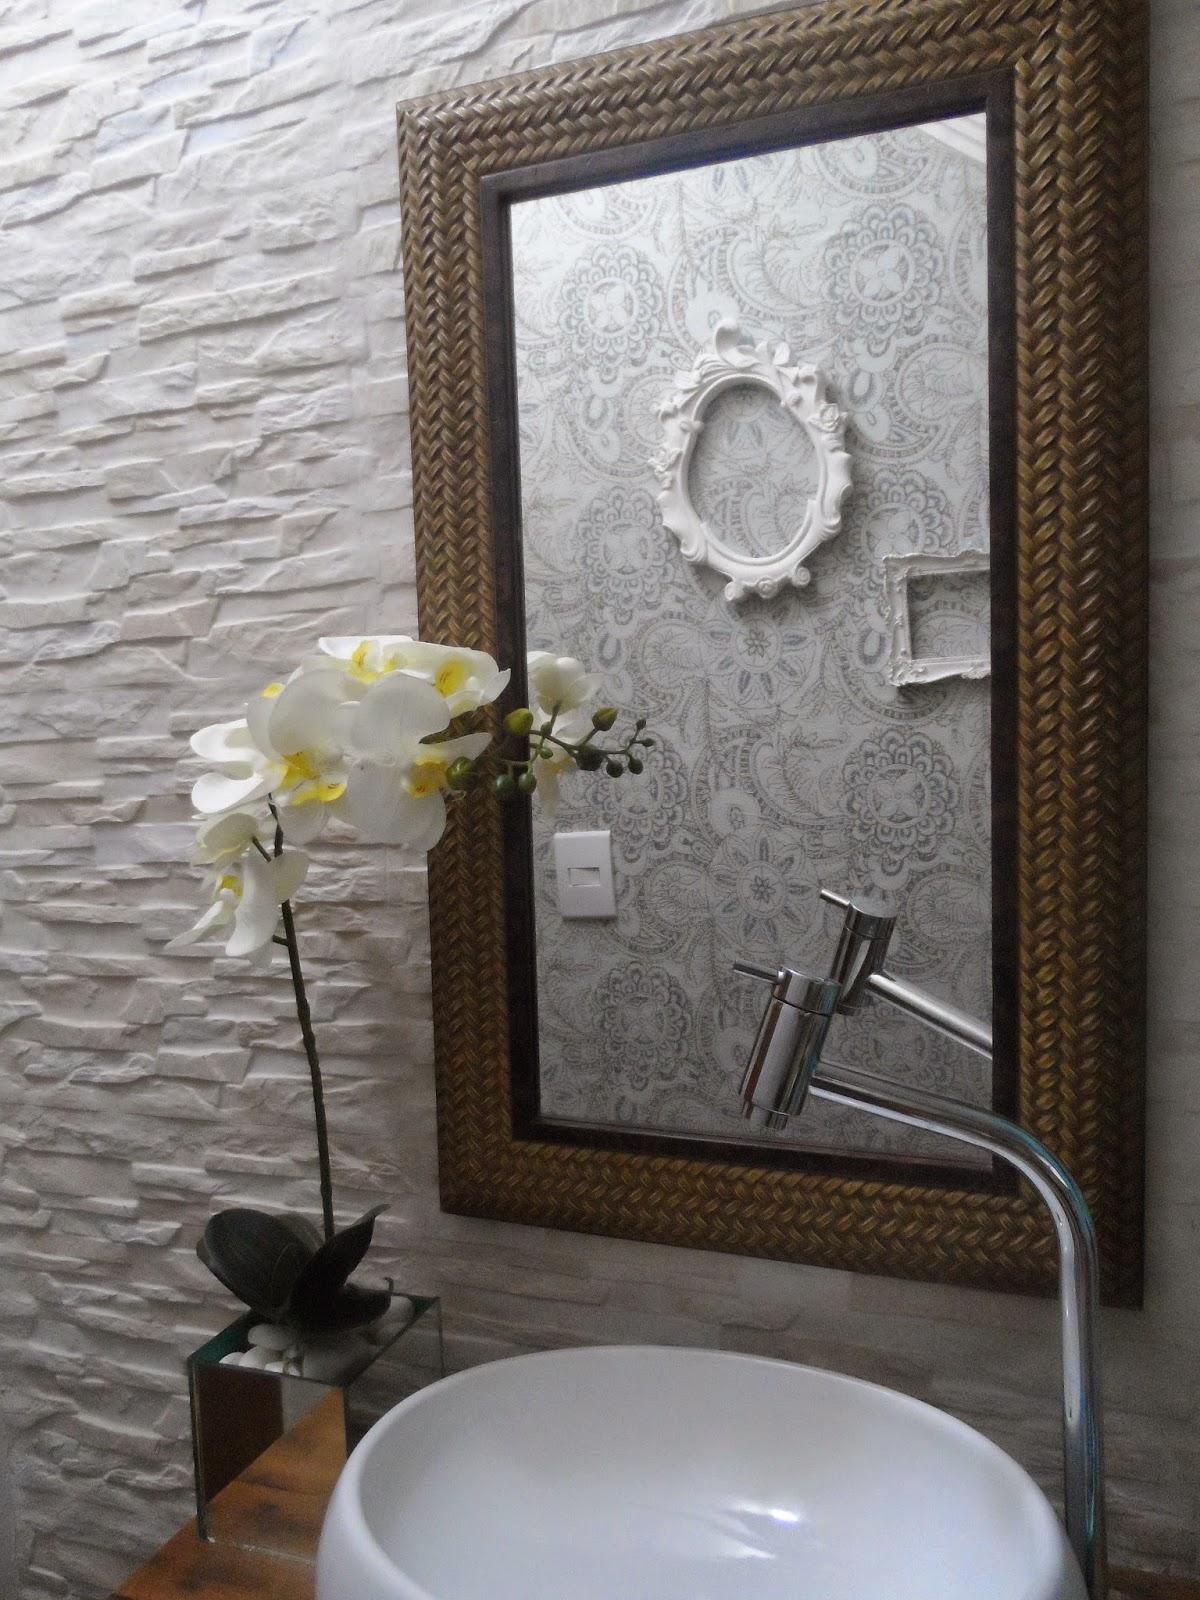 Dicas De Decoracao Para Lavabo Embaixo Da Escada 5 Pictures to pin on #5B4E42 1200 1600